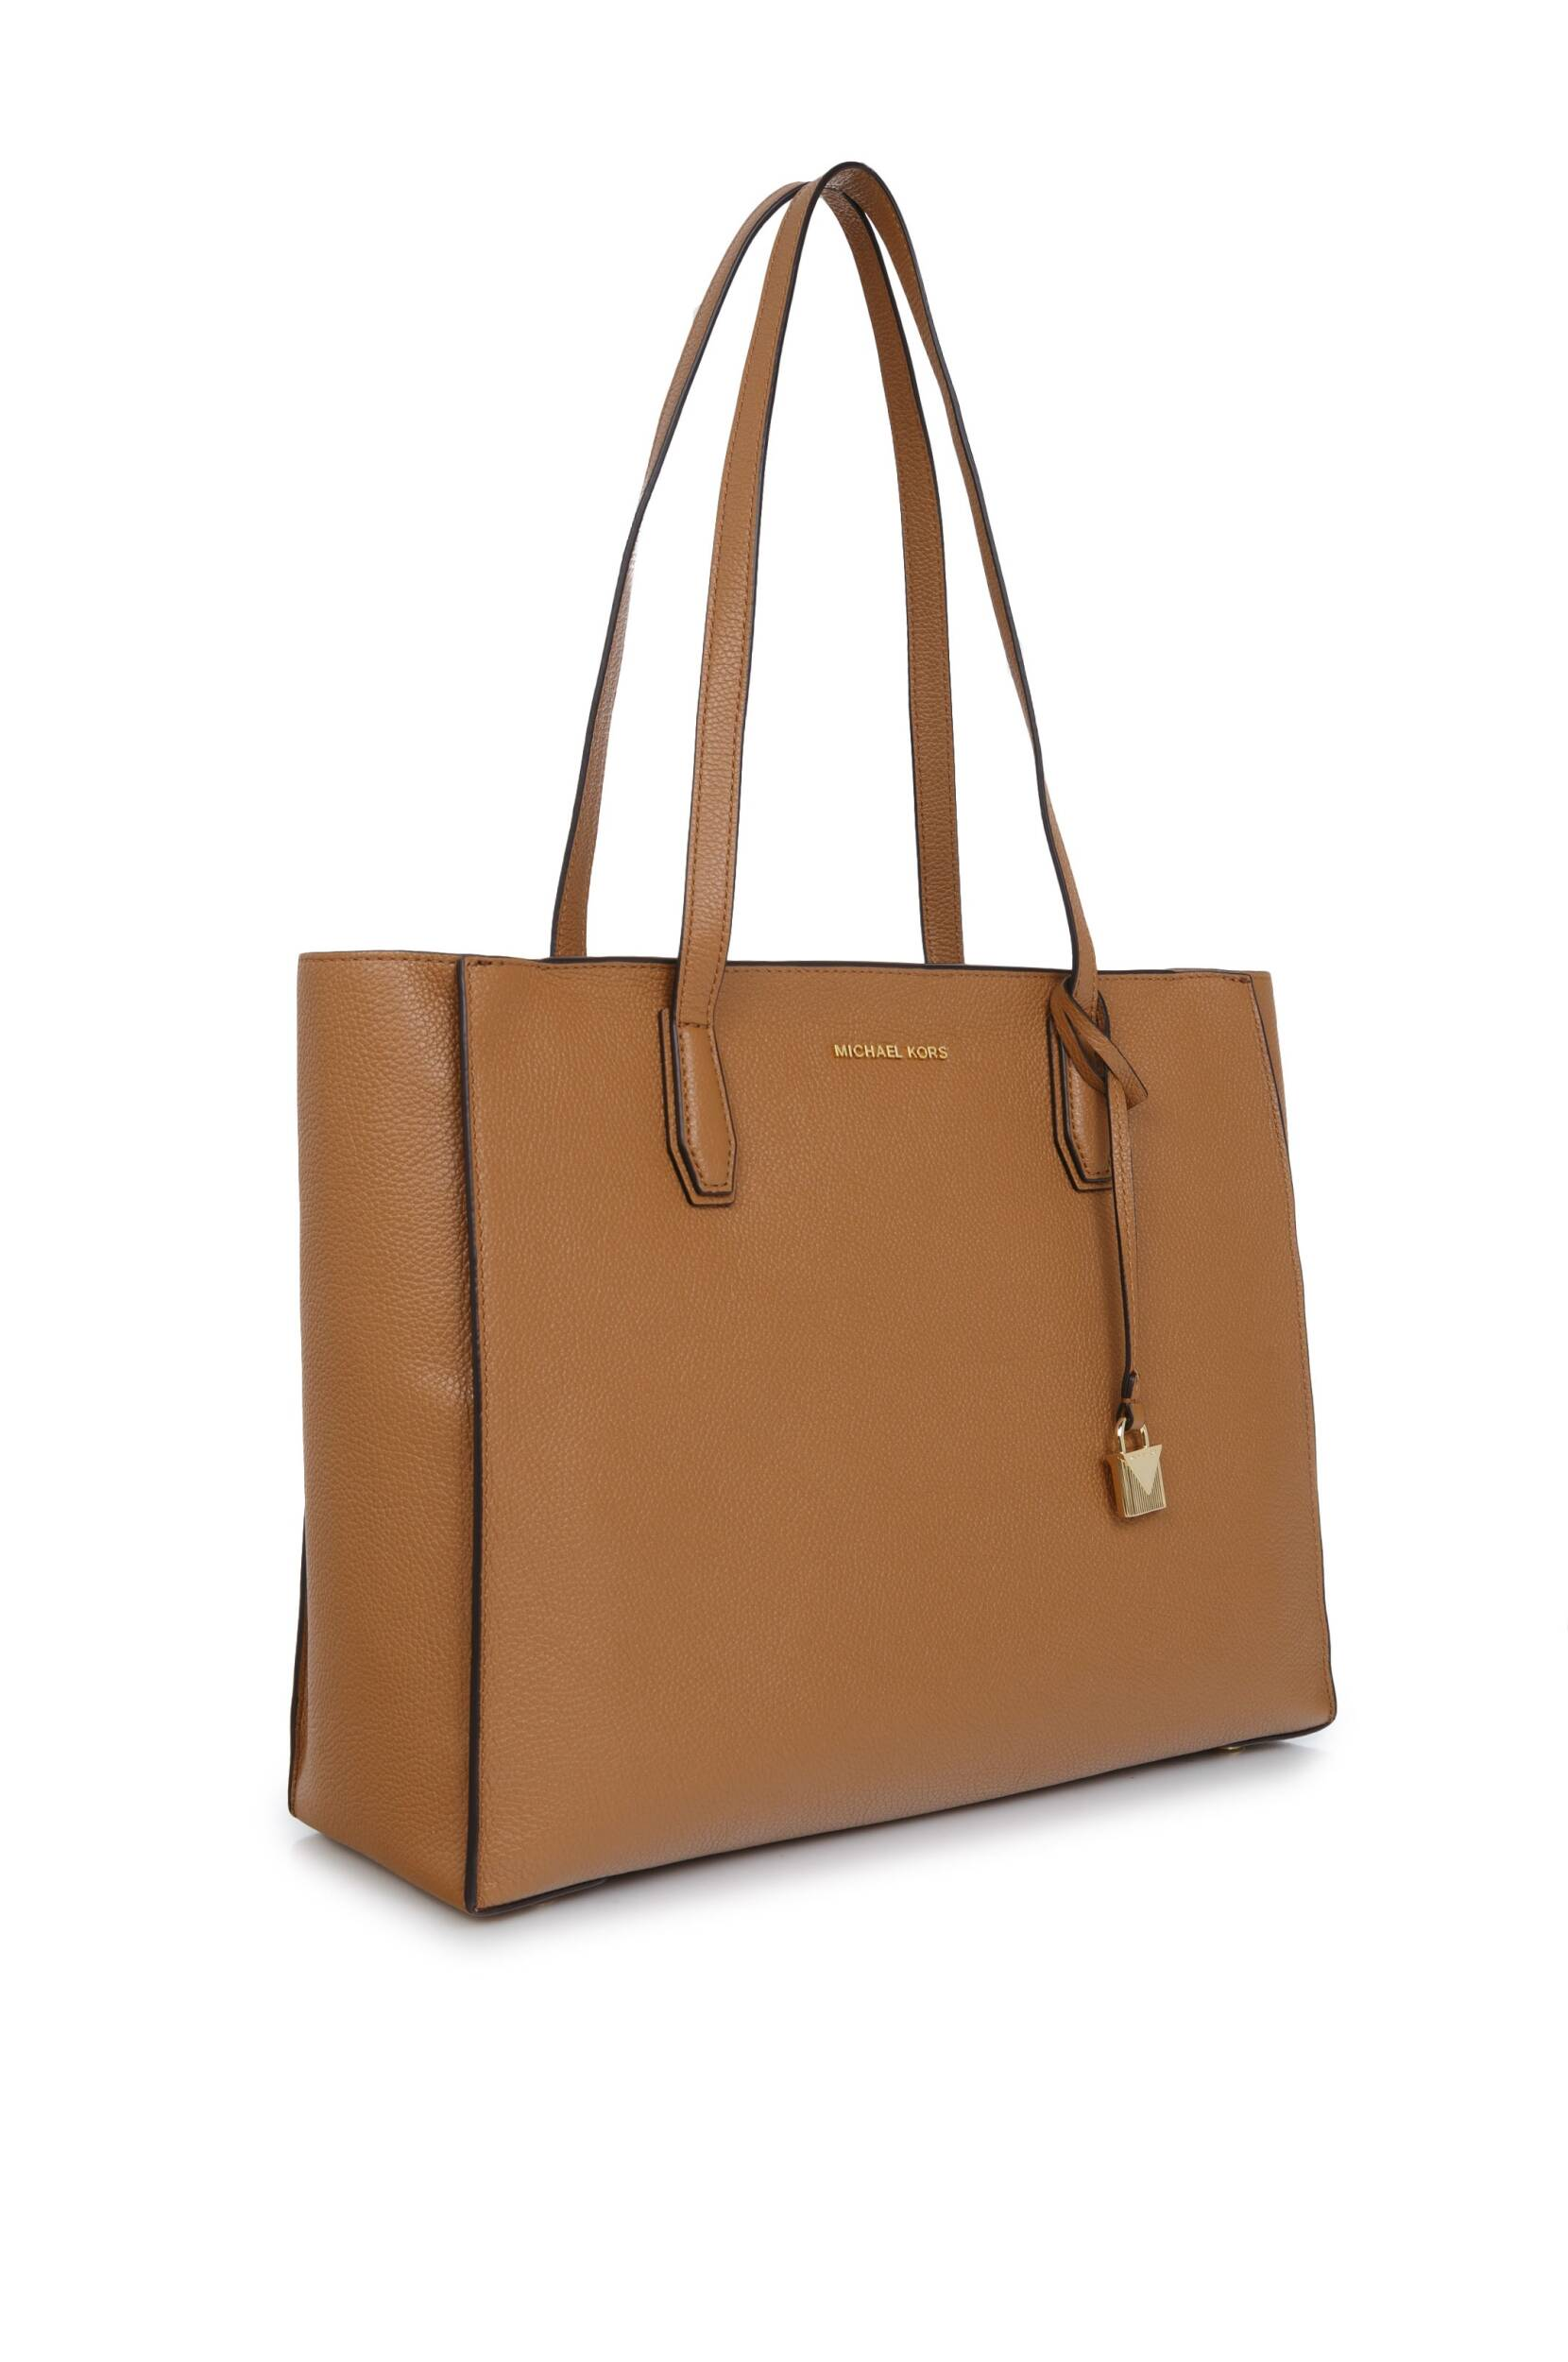 mercer shopper bag michael kors brown bags. Black Bedroom Furniture Sets. Home Design Ideas